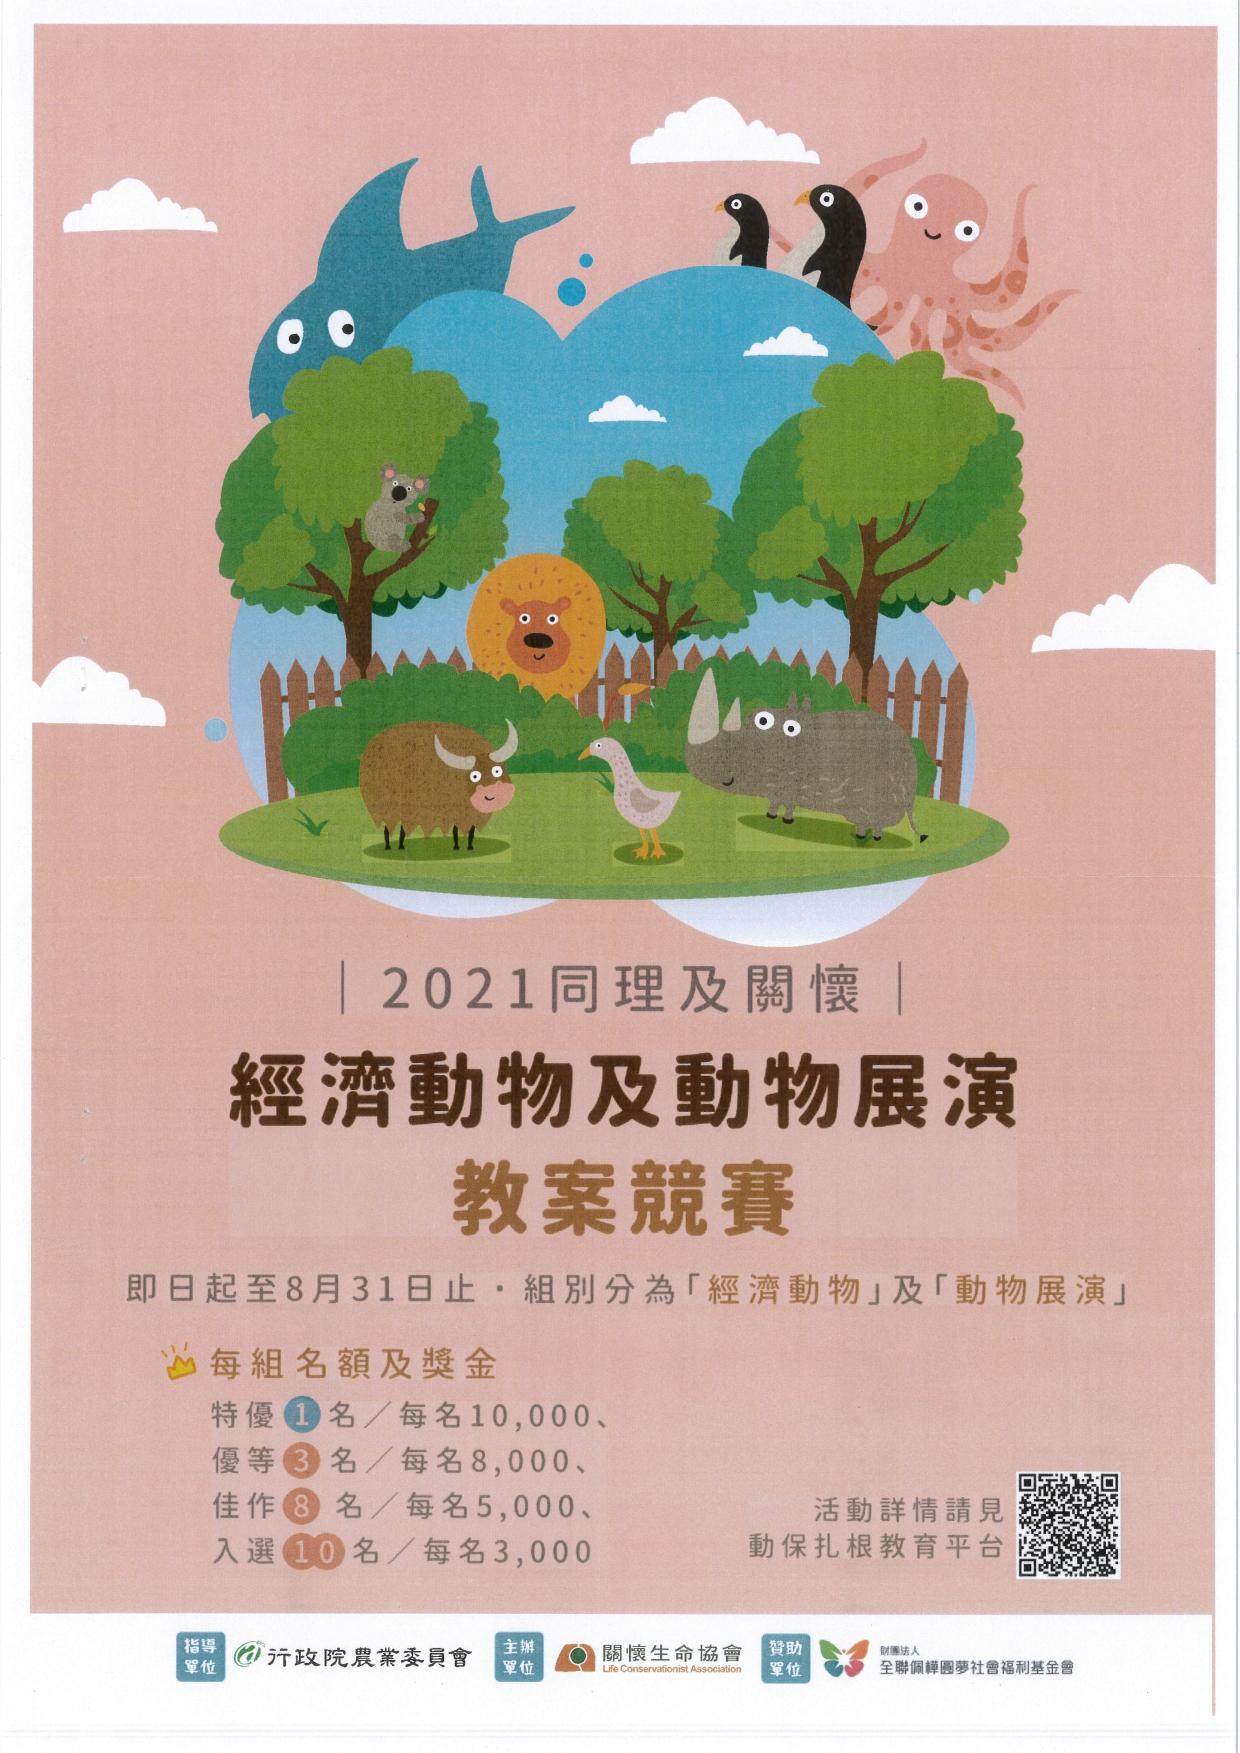 中華民國關懷生命協會2021【同理及關懷】經濟動物及動物展演教案競賽~